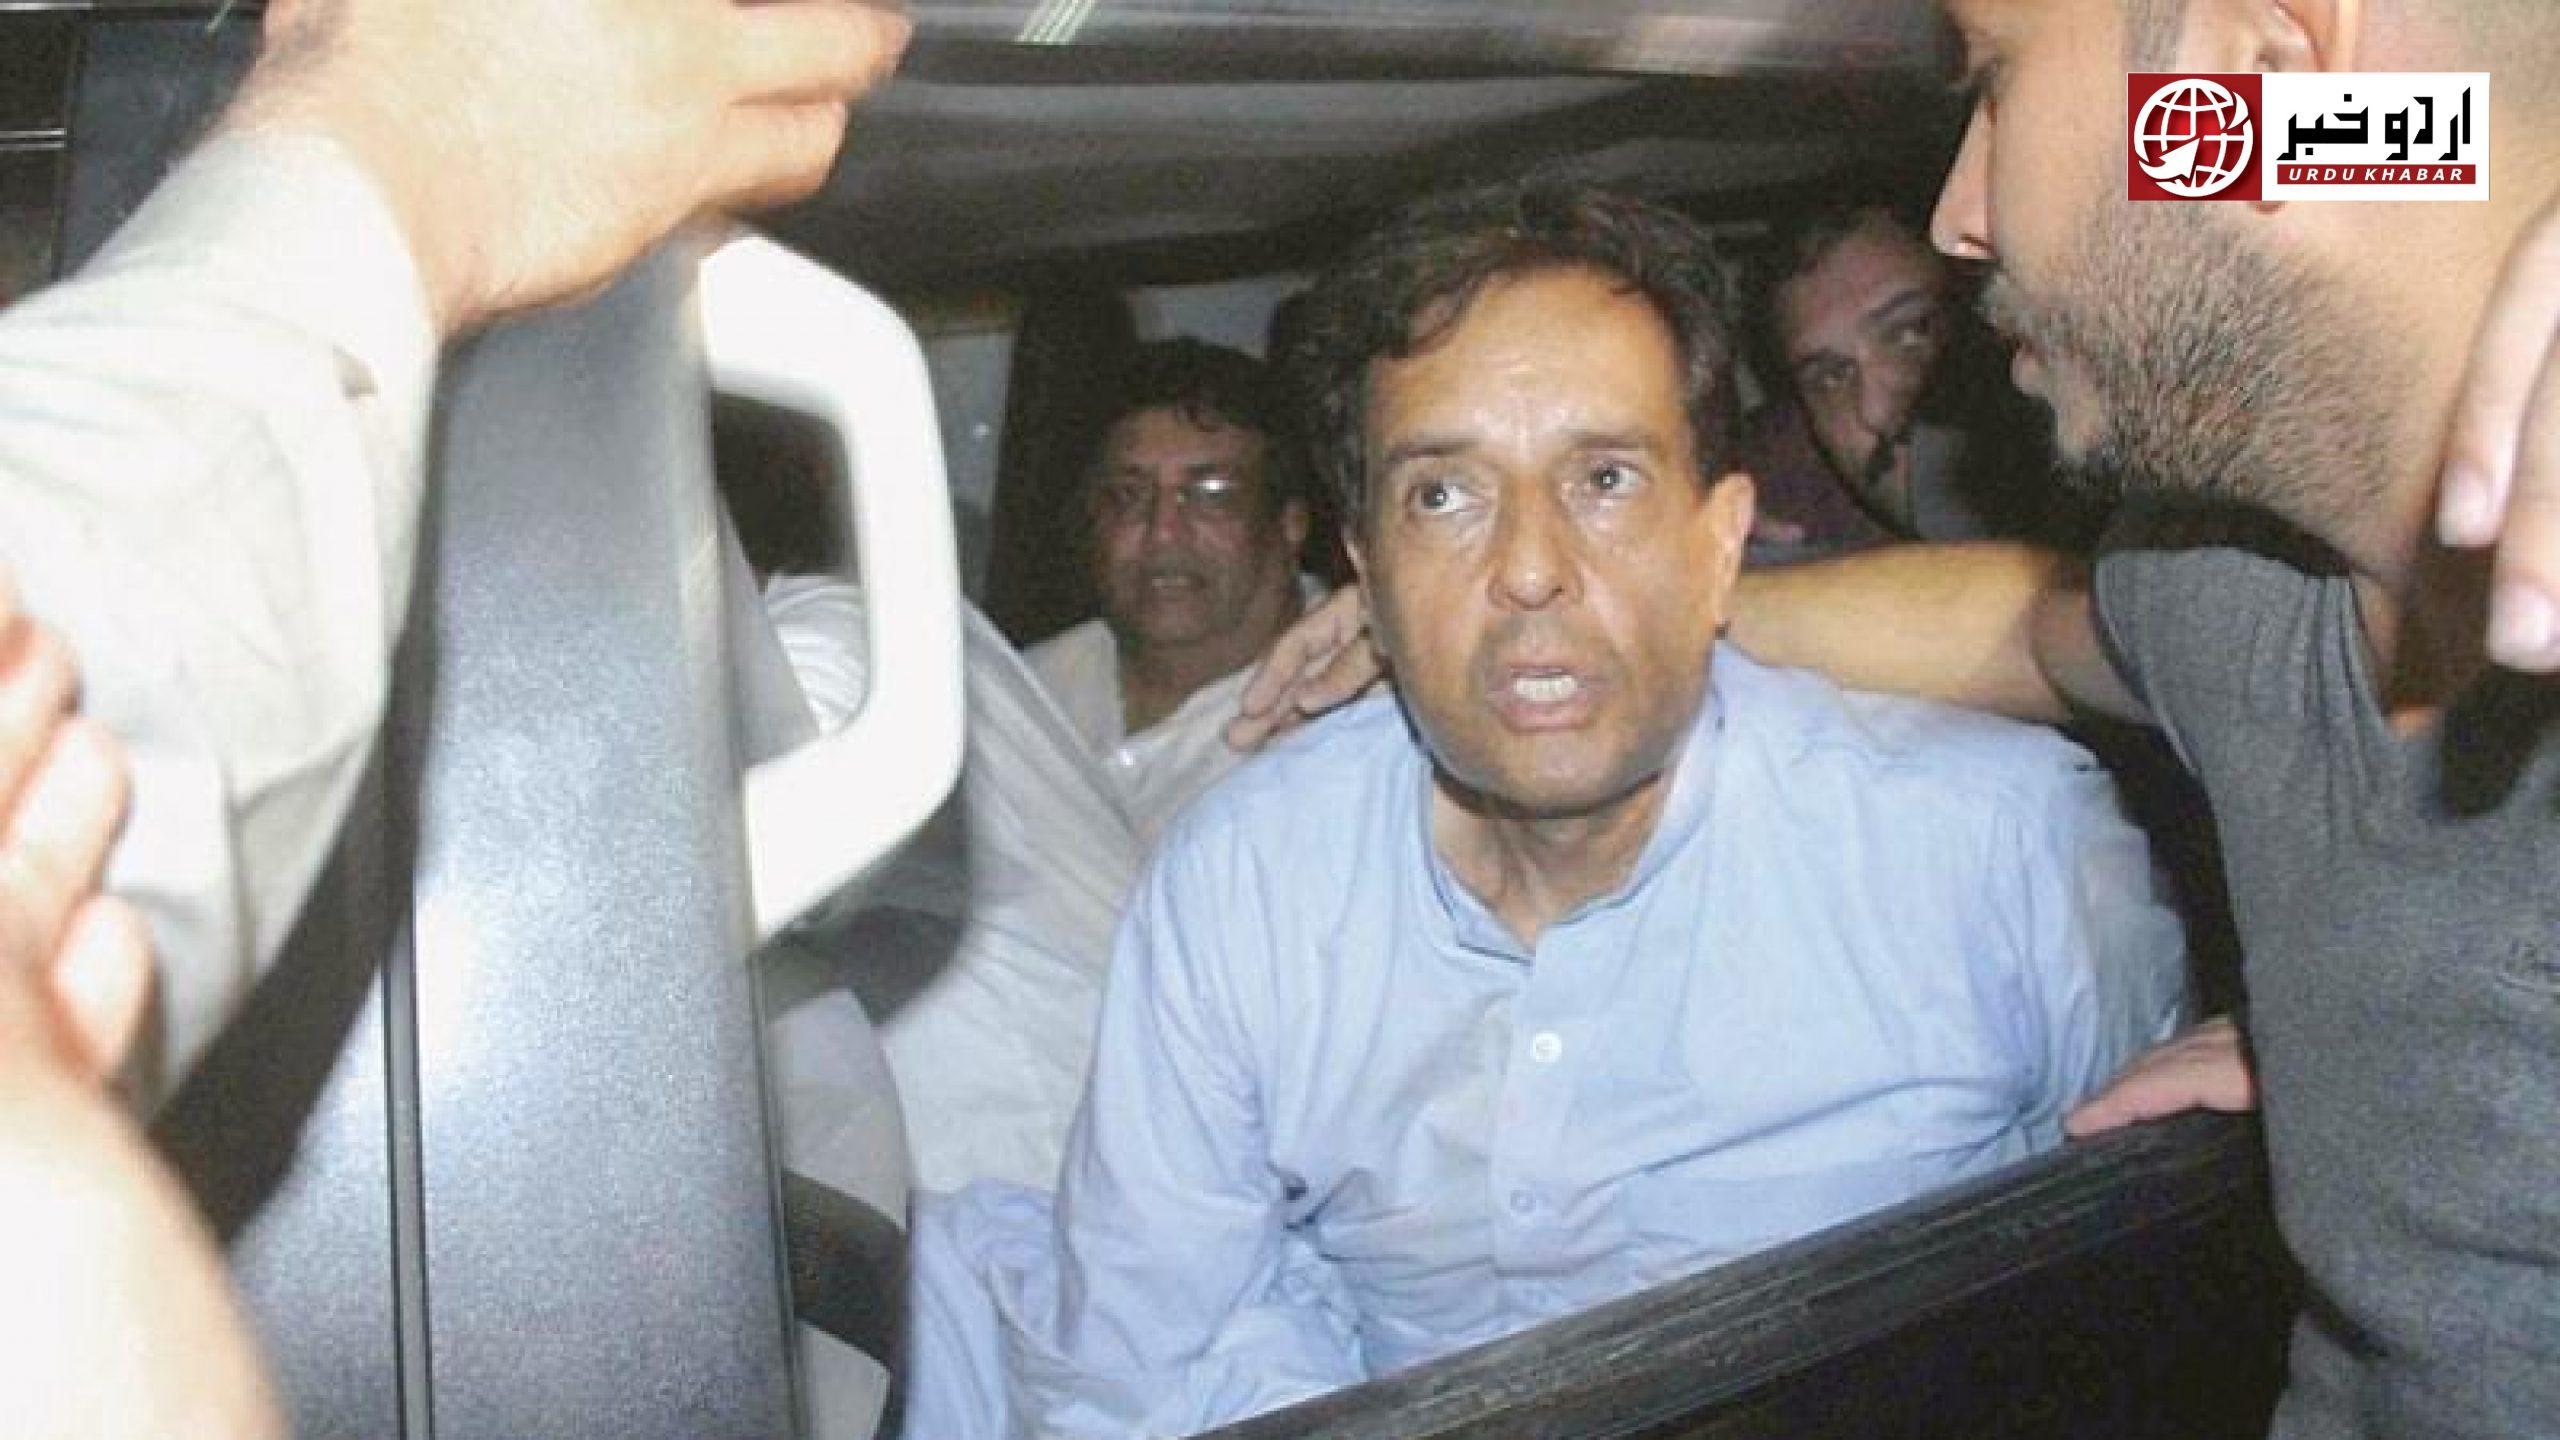 کیپٹن صفدر کراچی معاملے میں ملوث آئی ایس آئی اور رینجرز افسران کو عہدے سے ہٹا دیا گیا